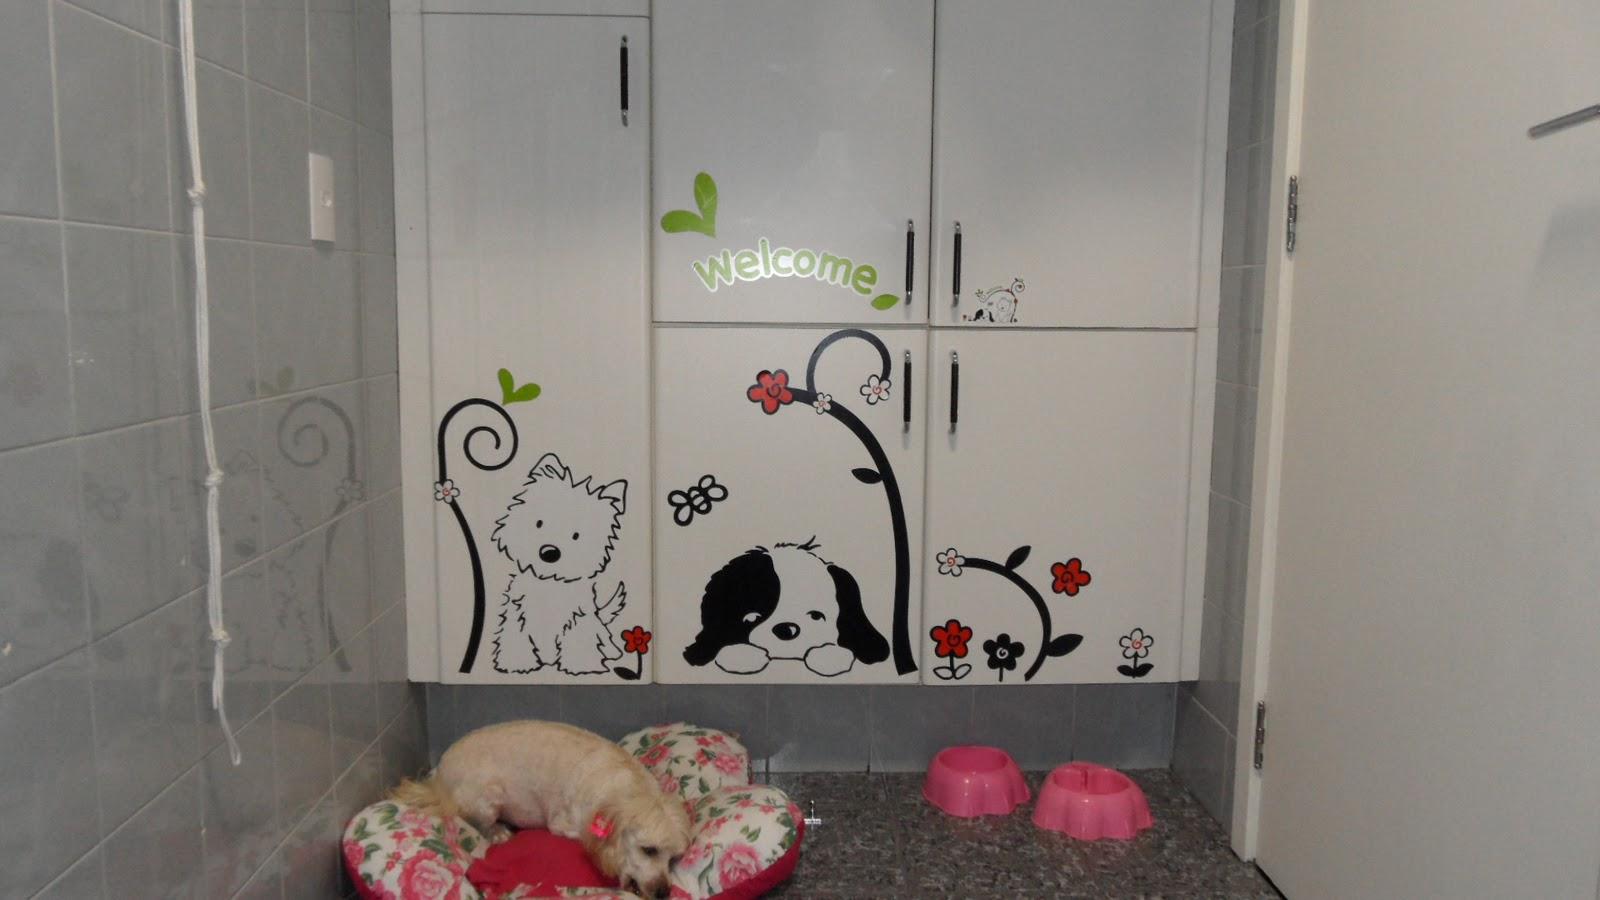 Como decorar banheiro com adesivos – Dicas decoração Decorando  #8E3D50 1600x900 Banheiro Com Azulejo De Flores